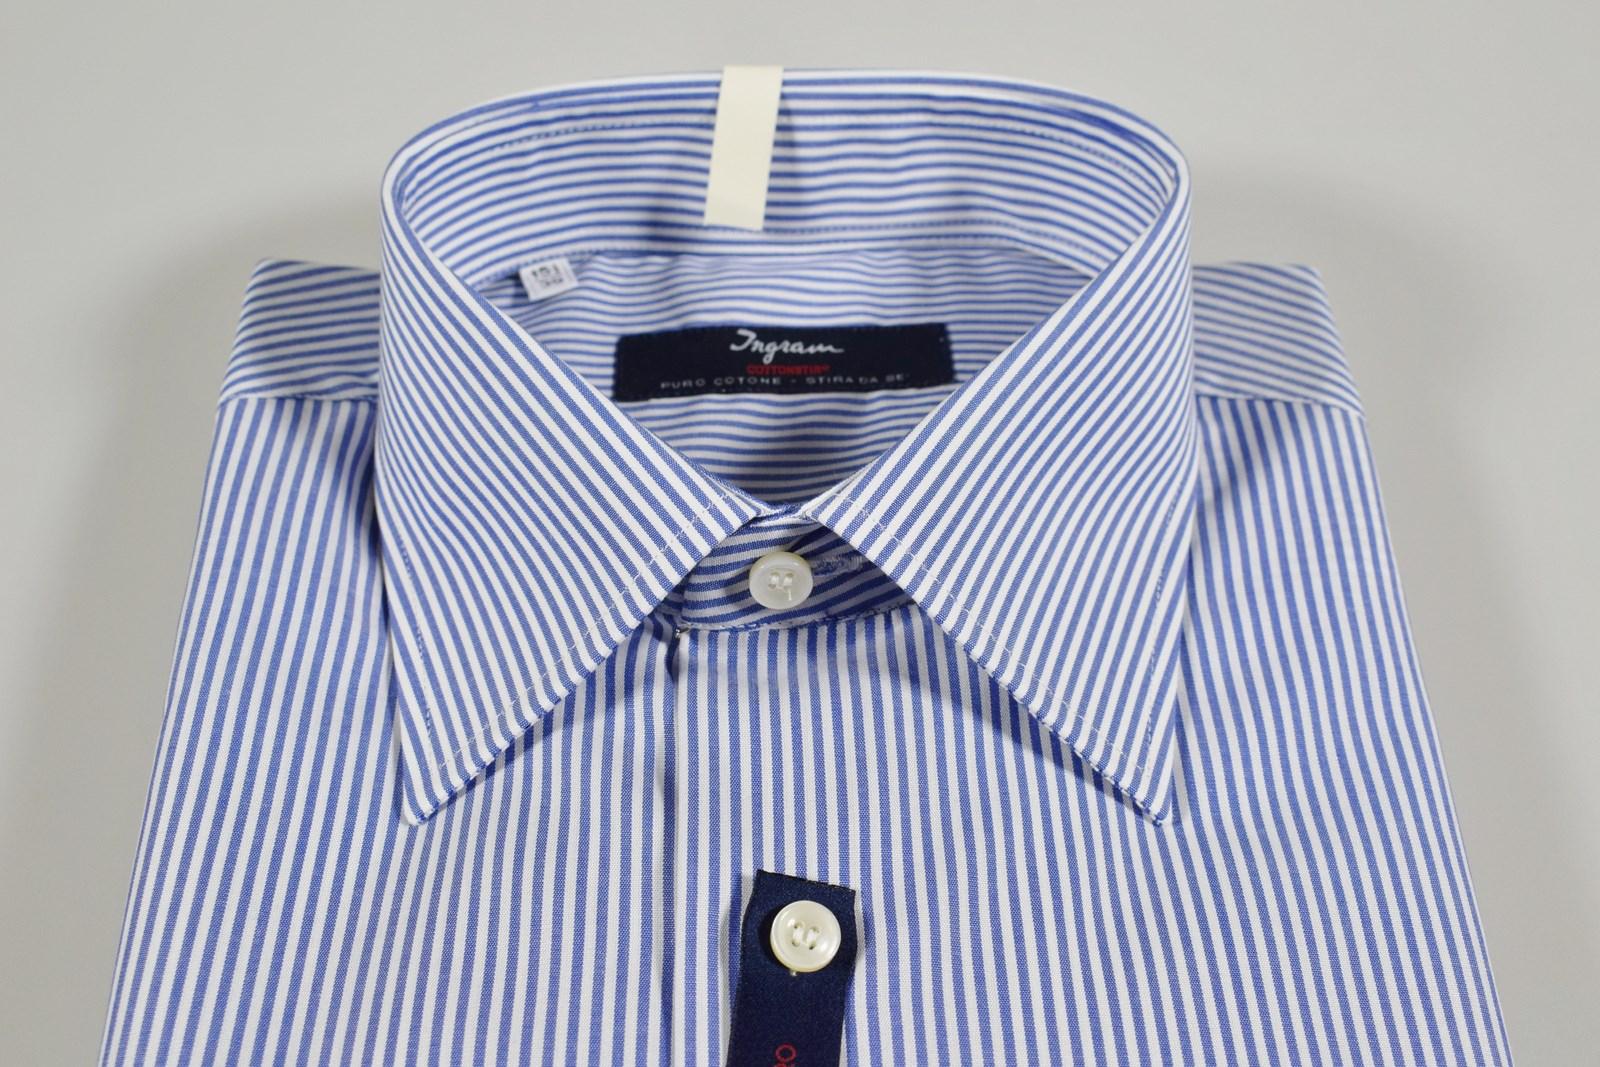 huge selection of 1ce80 3ccf5 Dettagli su Camicia Ingram a righe Azzurro vestibilità regolare Cotone No  Stiro Taglia 42 L